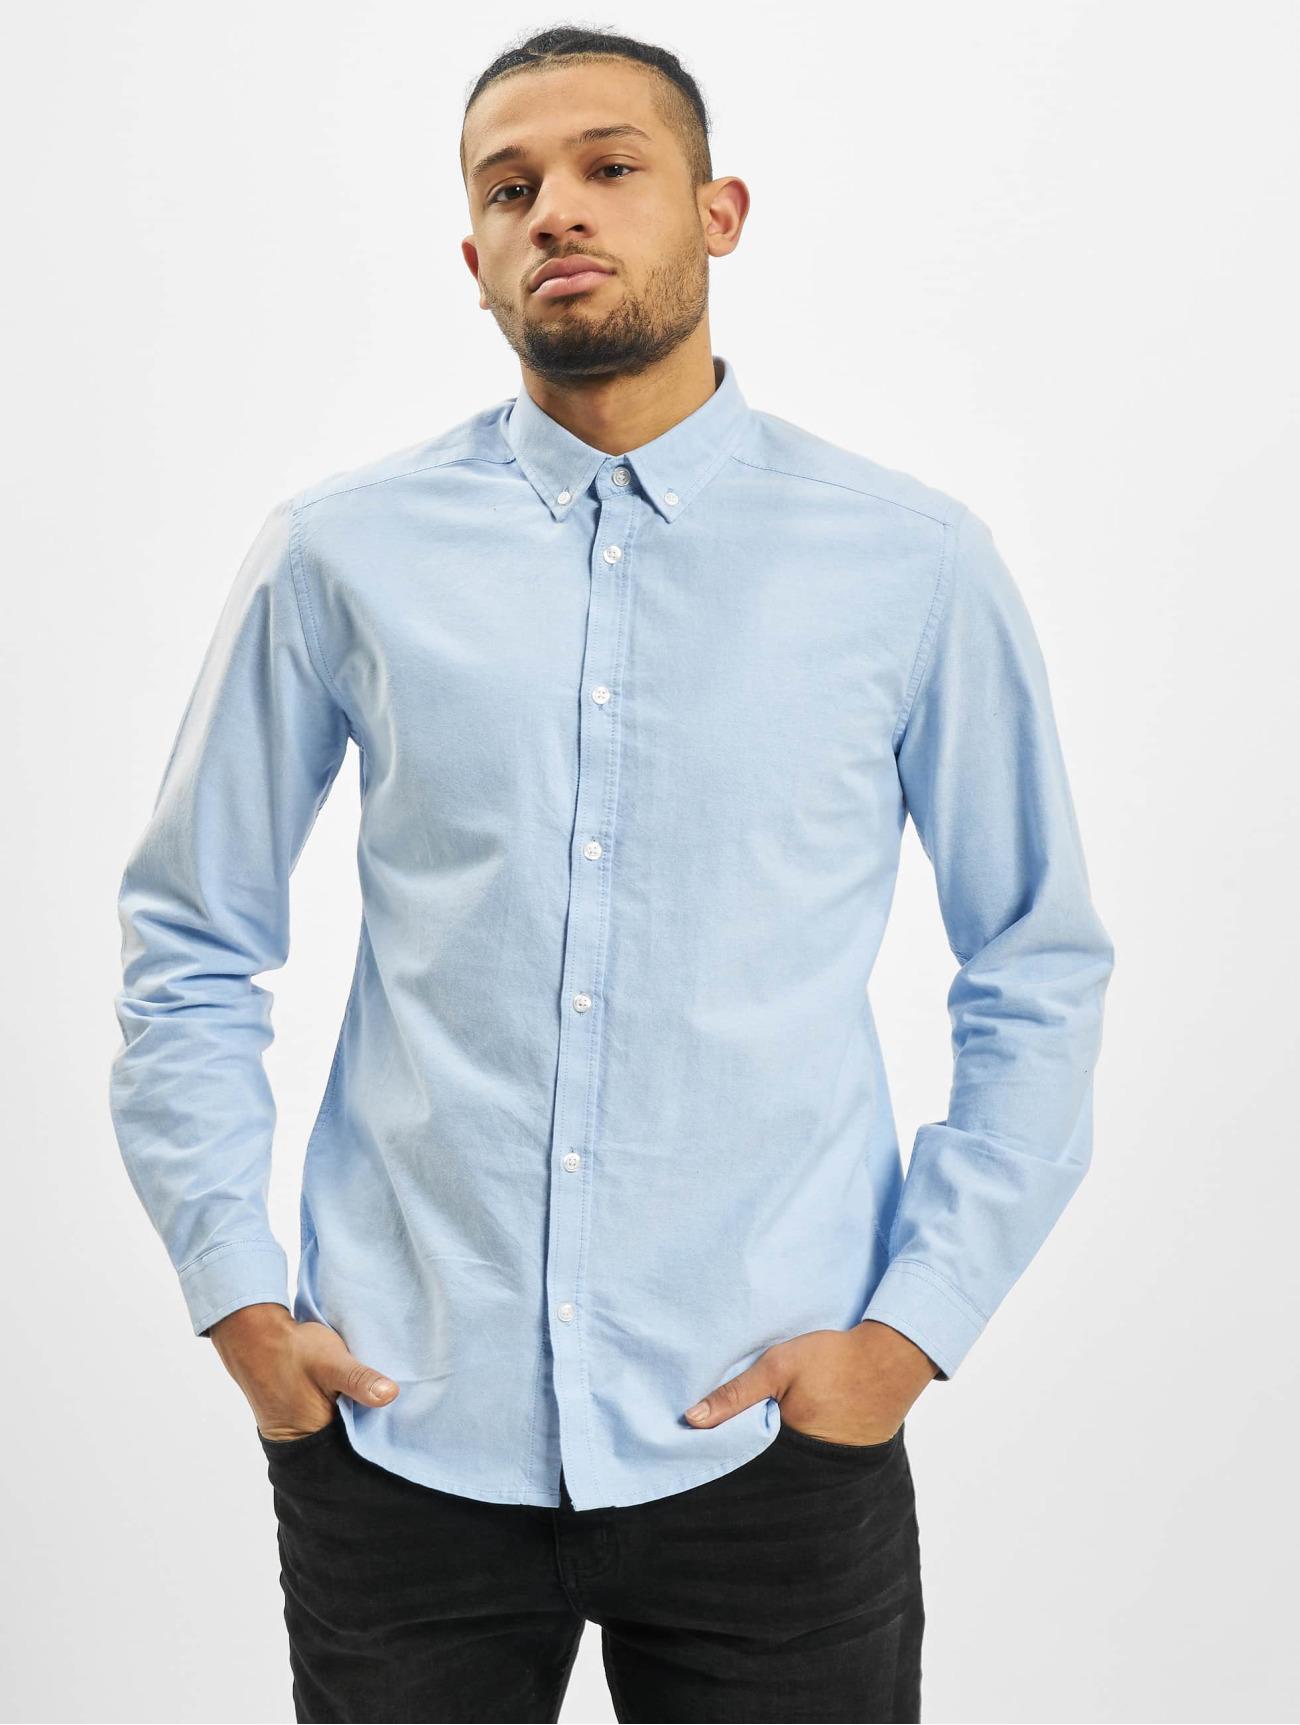 Suit Överdel / Skjorta Oxford i blå 571380 Män Överdelar